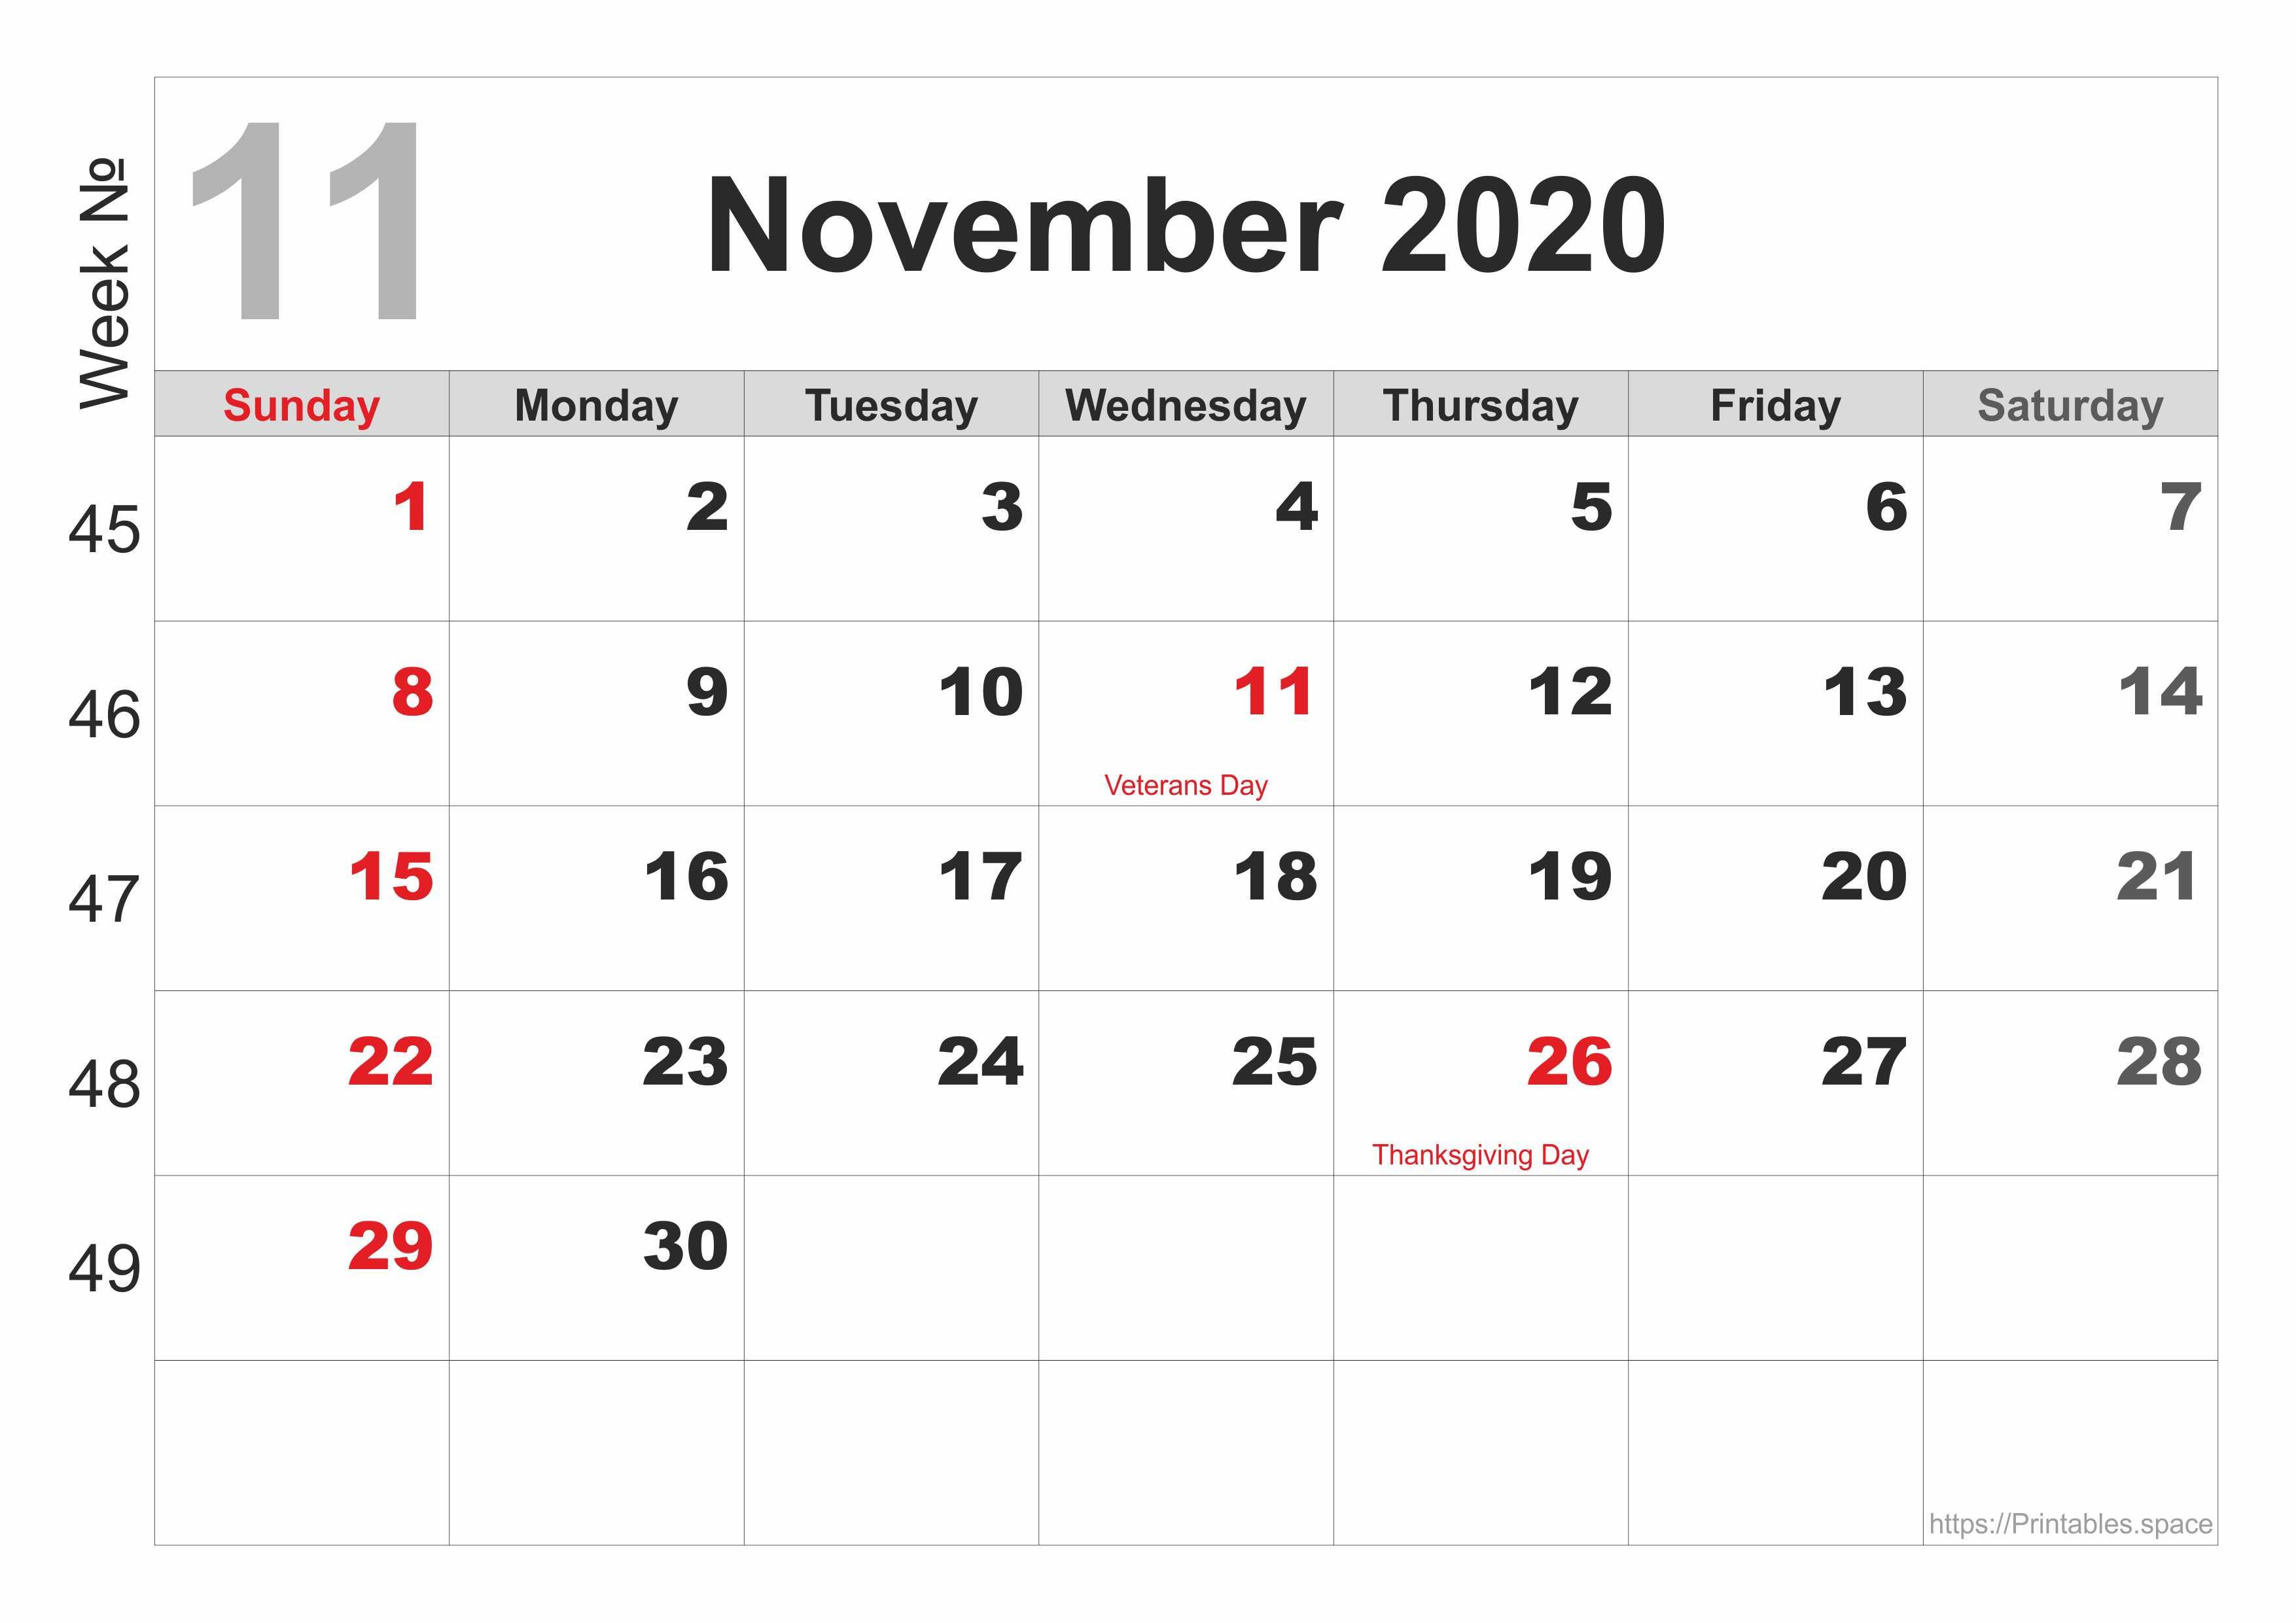 11. November 2020